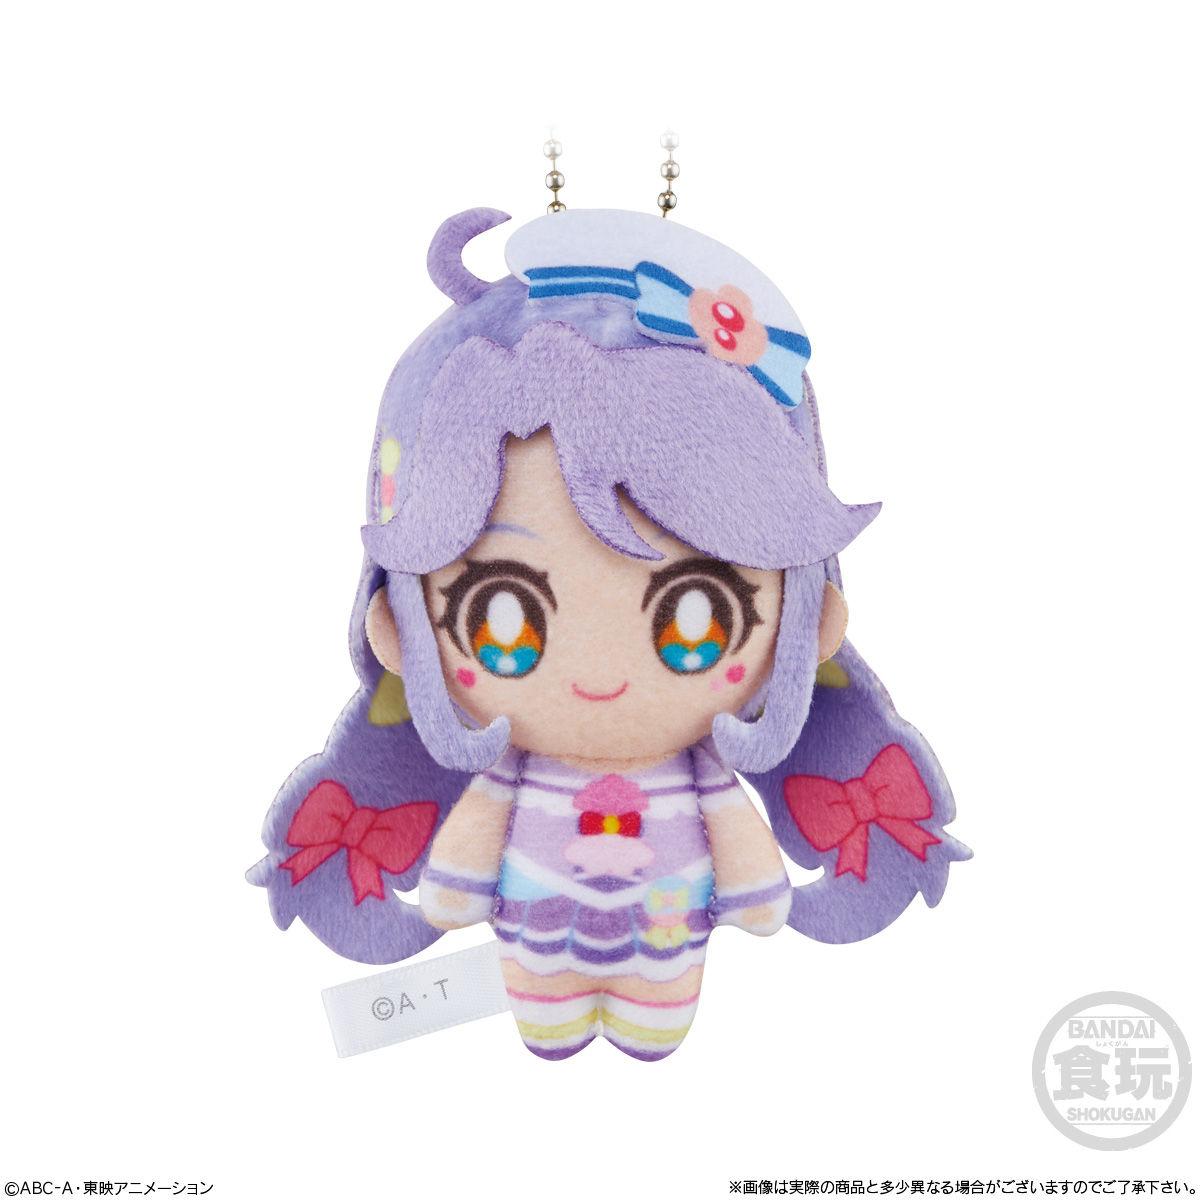 【食玩】トロプリ『トロピカル~ジュ!プリキュア おでかけマスコット』10個入りBOX-003